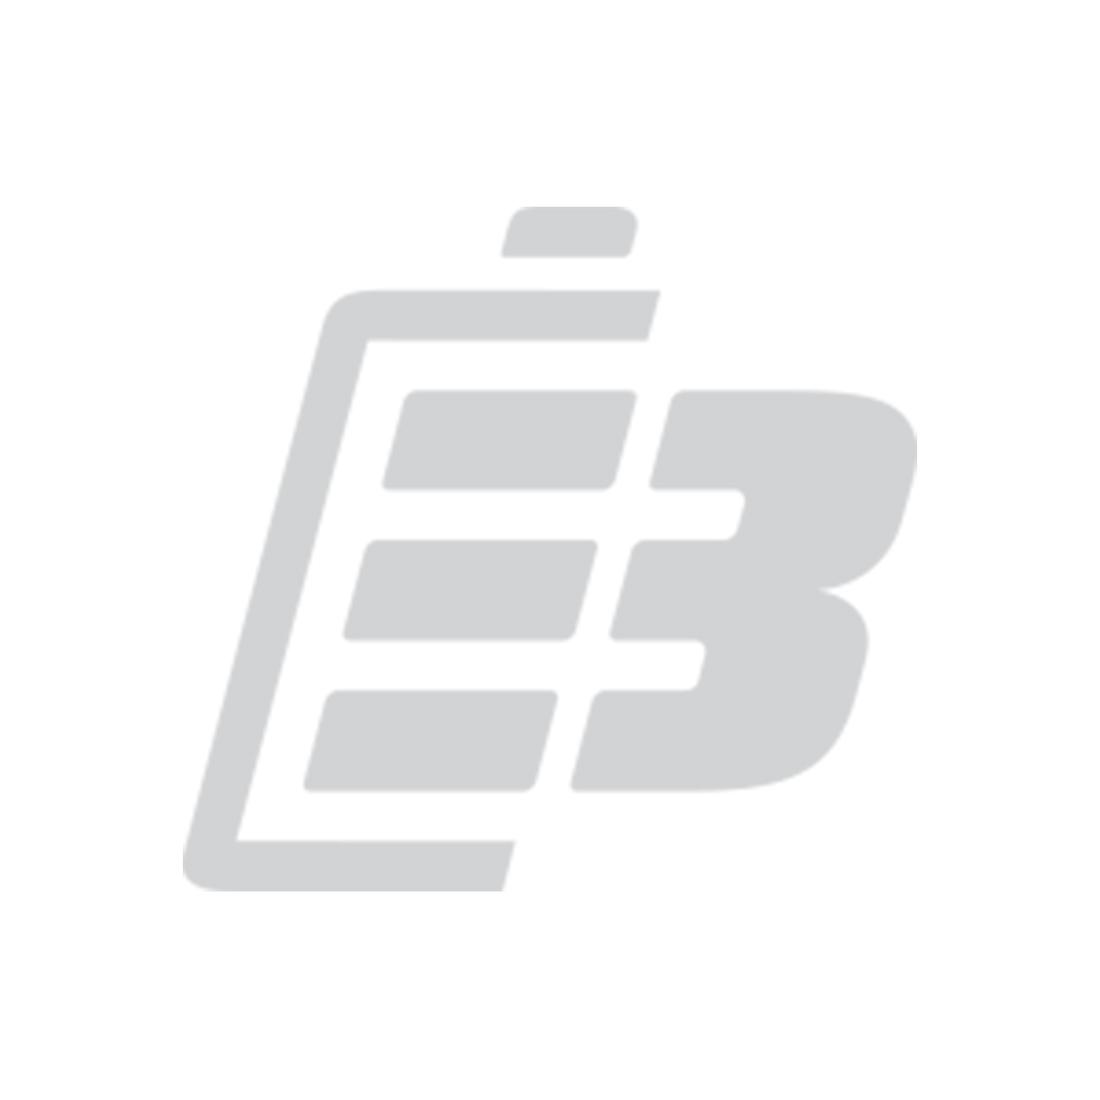 Μπαταρία tablet Asus MeMO Pad 7 ME70CX_1